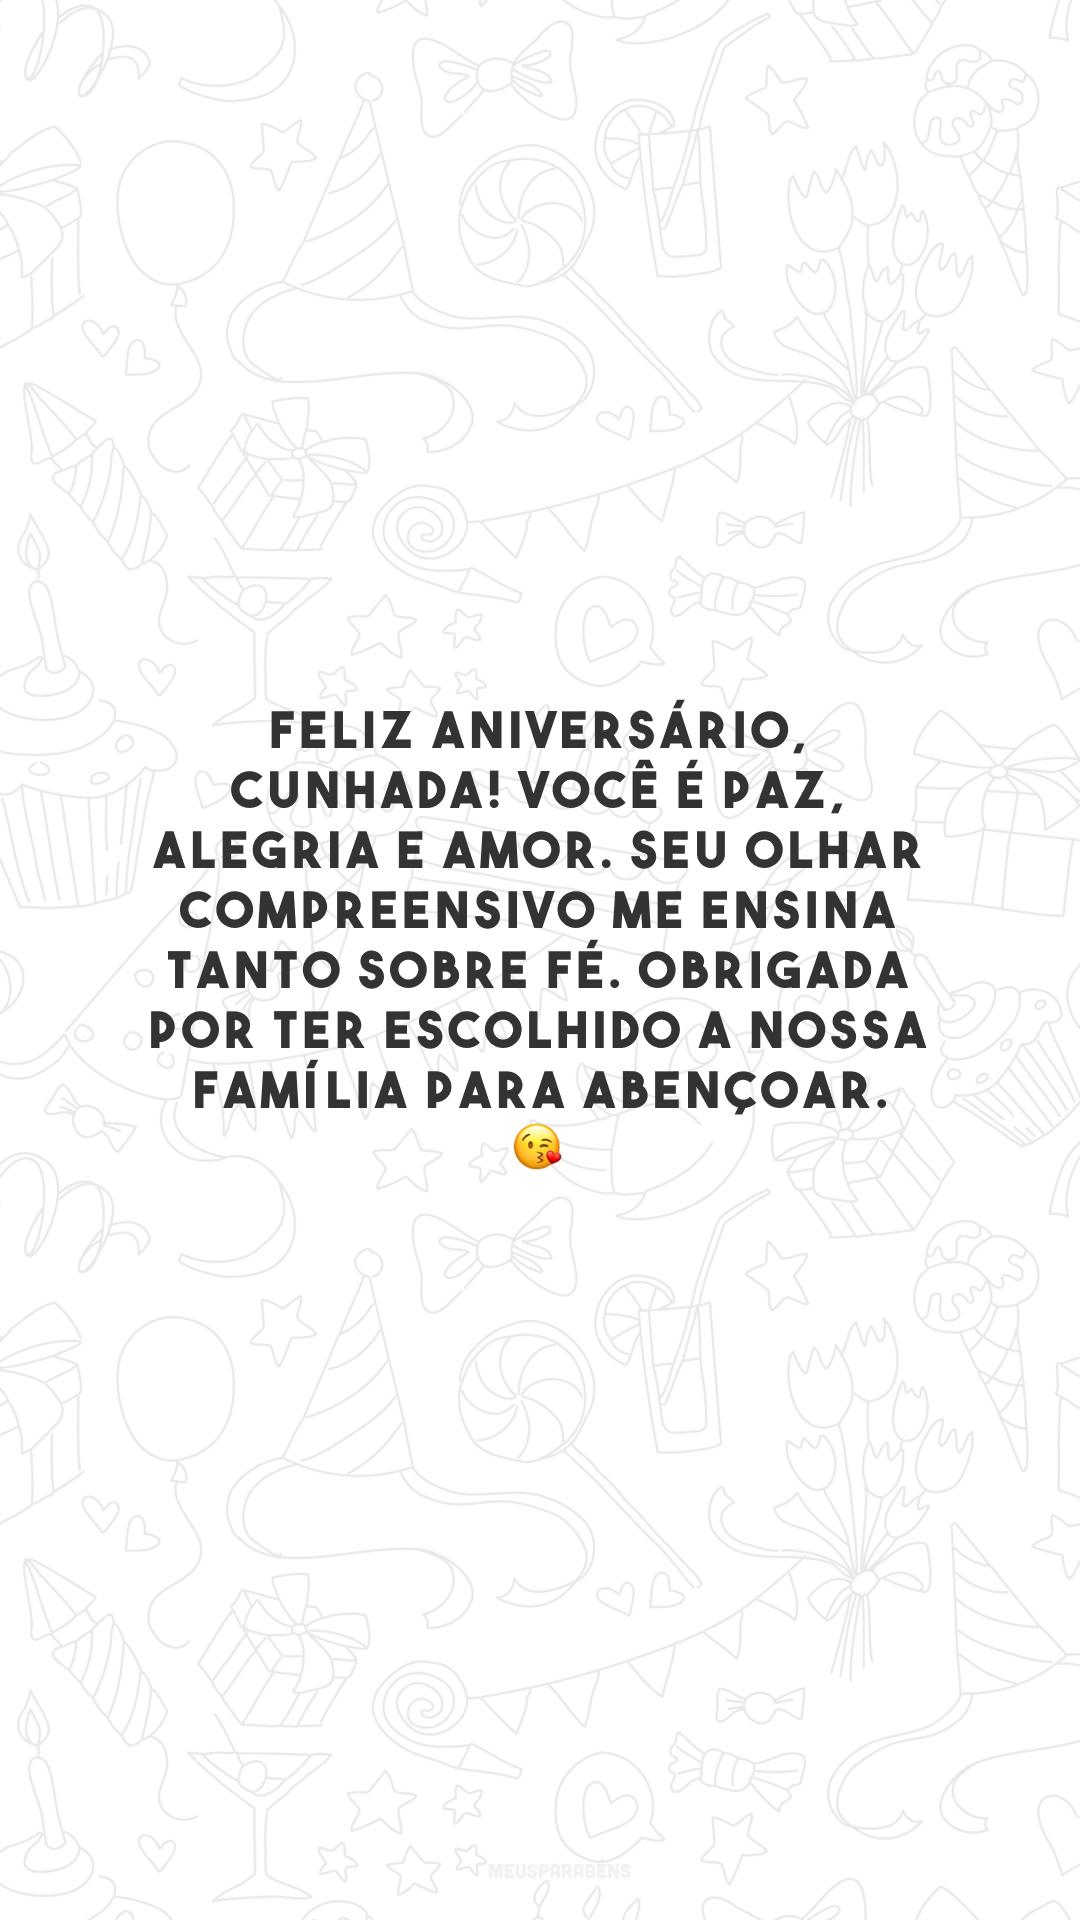 Feliz aniversário, cunhada! Você é paz, alegria e amor. Seu olhar compreensivo me ensina tanto sobre fé. Obrigada por ter escolhido a nossa família para abençoar. 😘